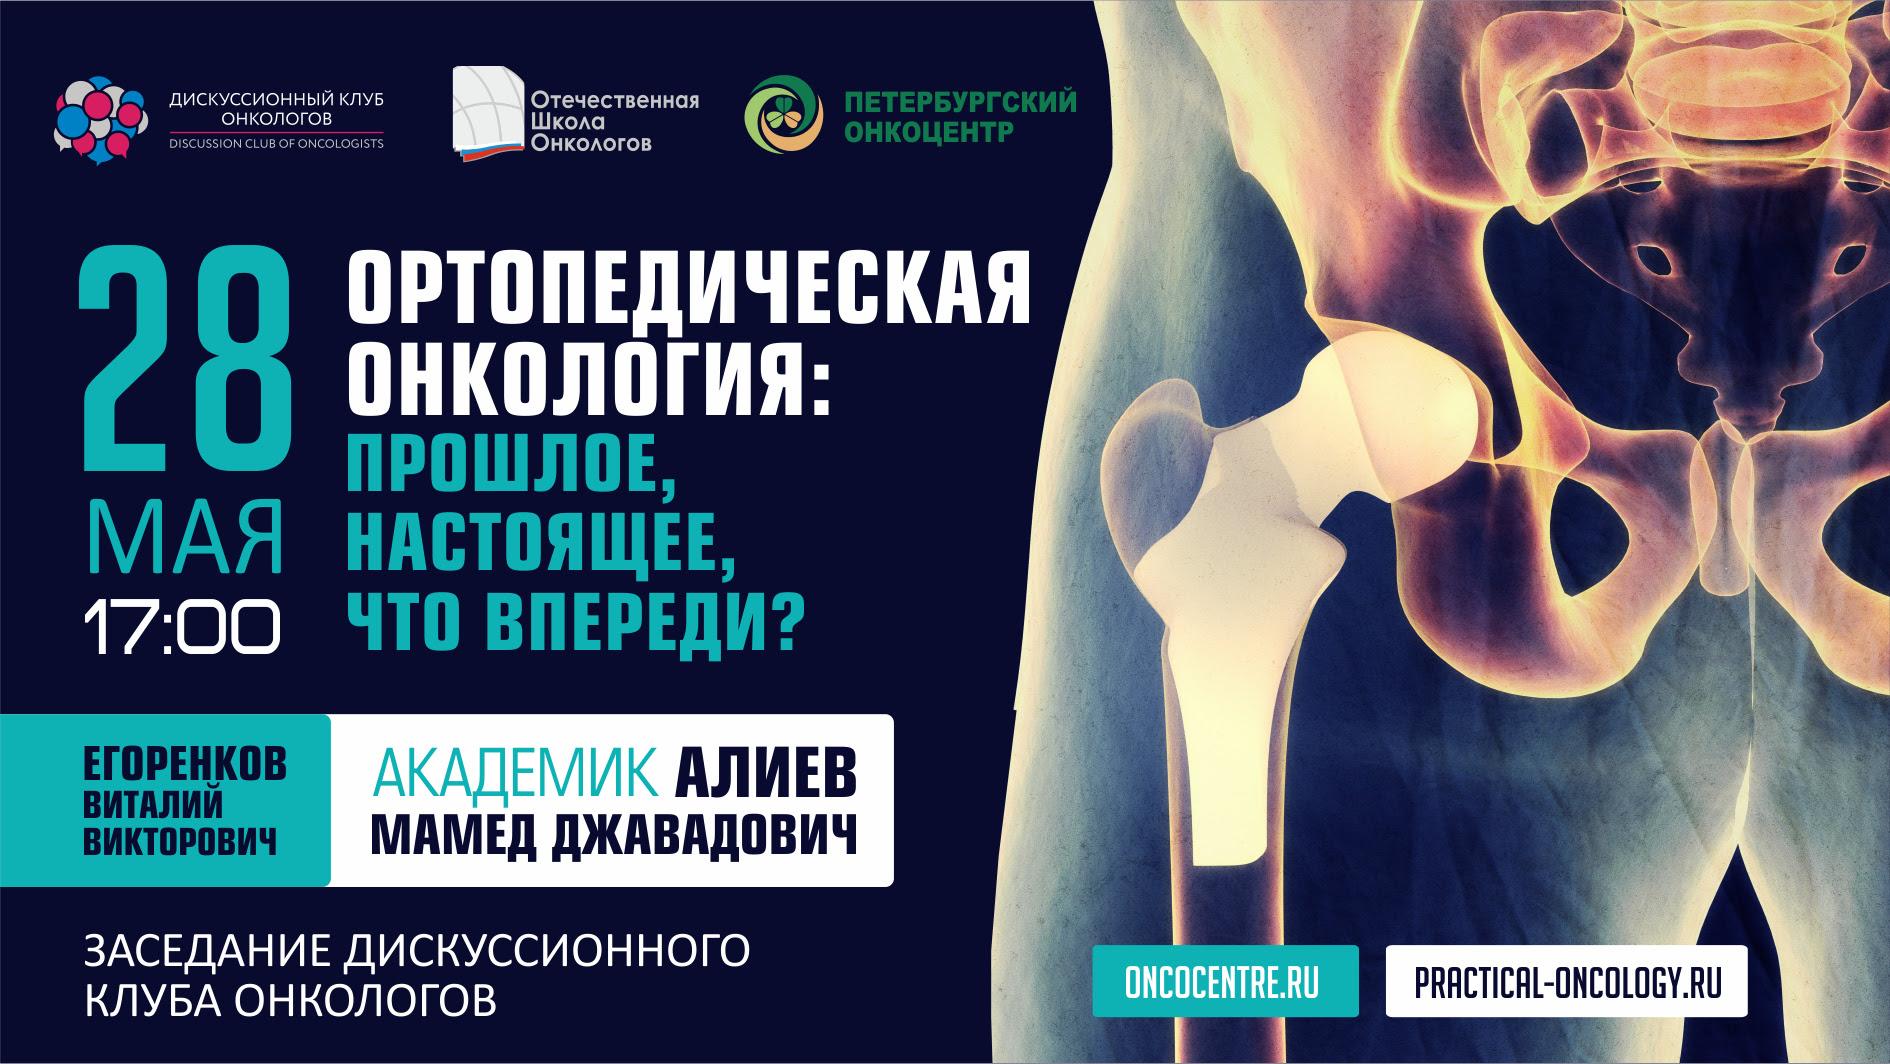 Ортопедическая онкология: прошлое, настоящее, что впереди?